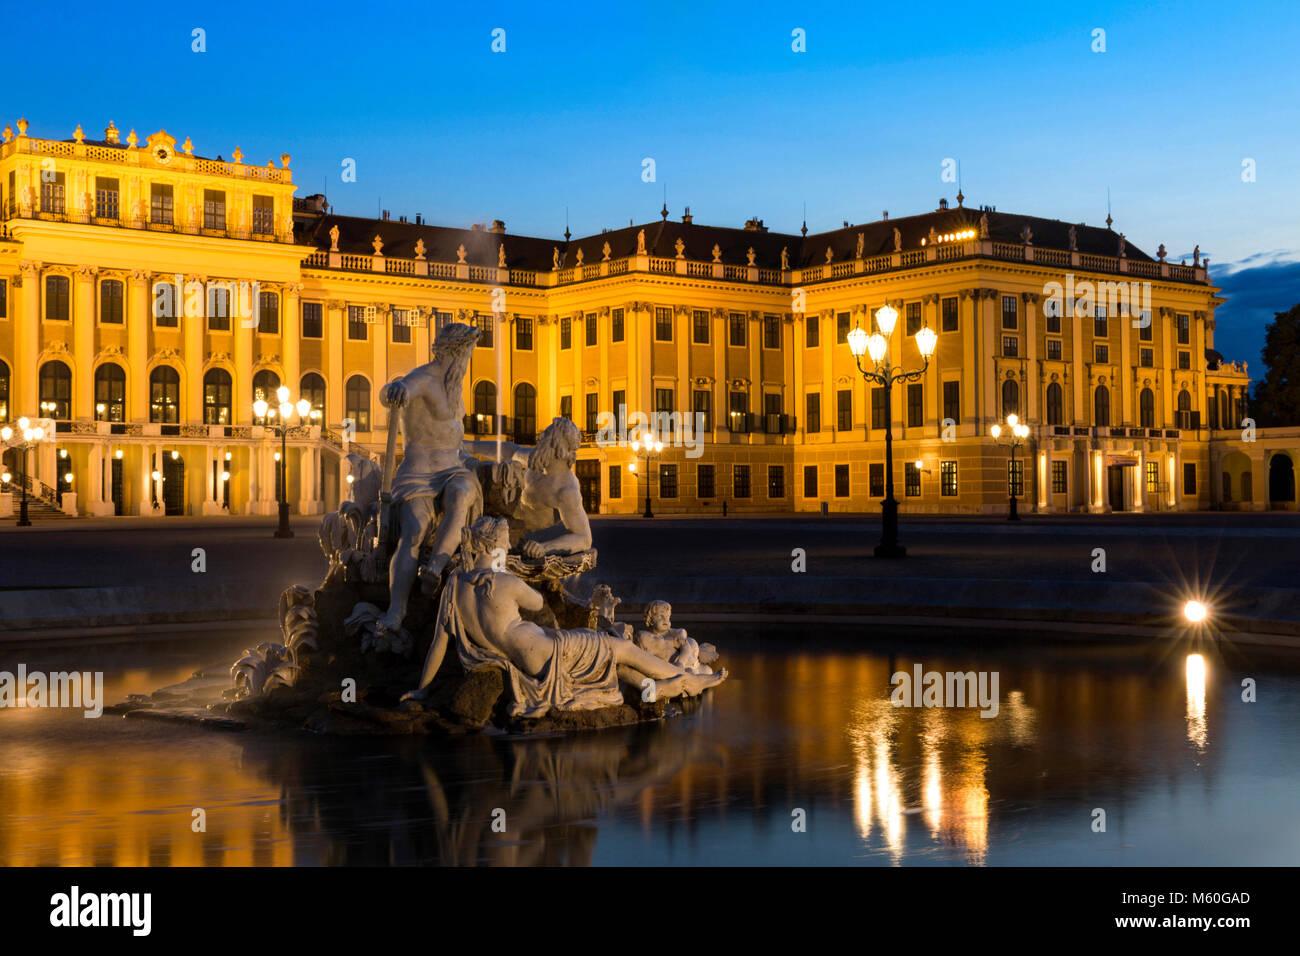 El Palacio de Schönbrunn y uno de la Náyade Fuentes (espíritus de manantiales y ríos) iluminado Imagen De Stock